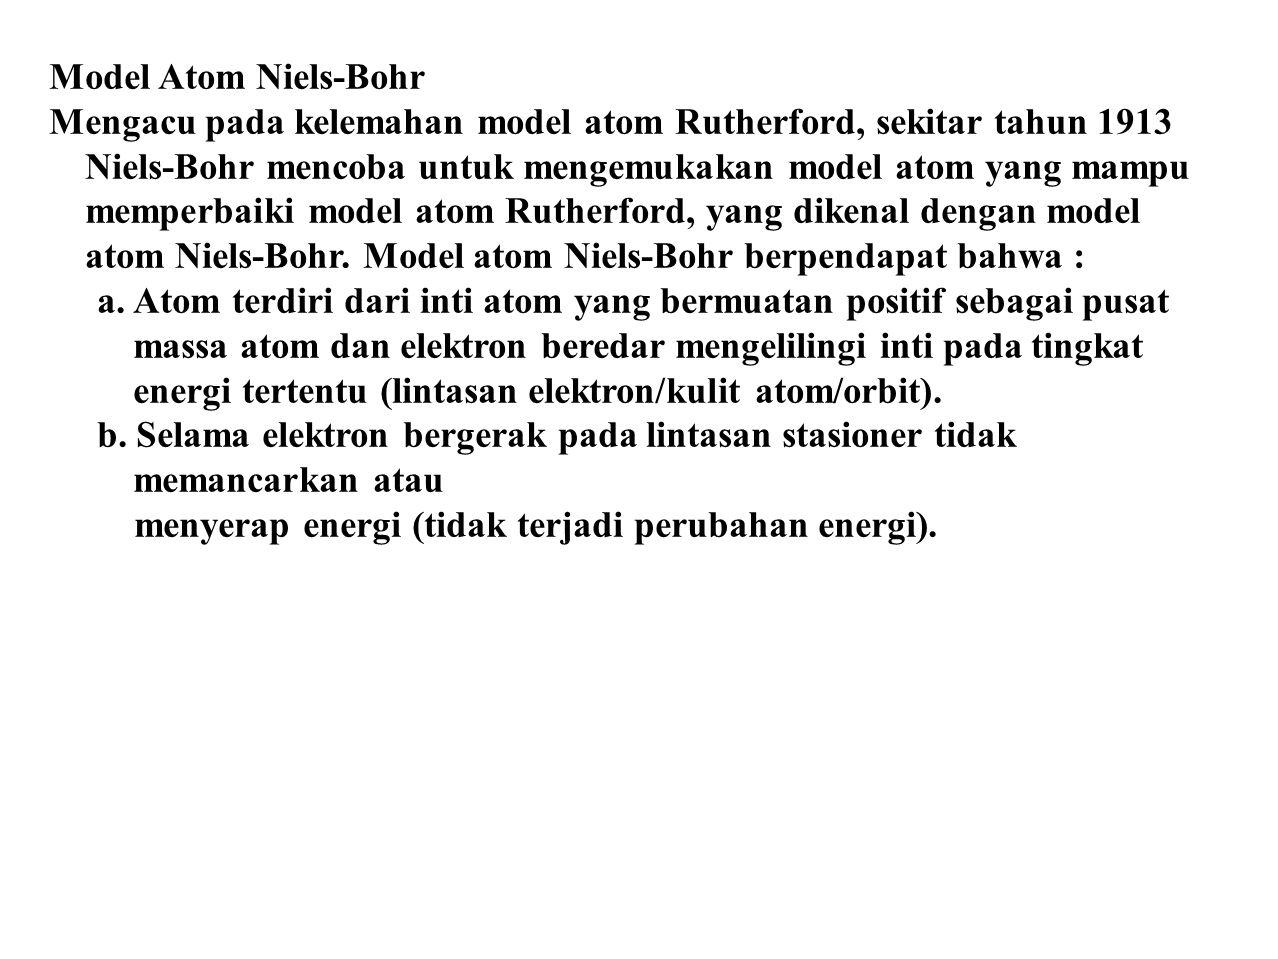 Model Atom Niels-Bohr Mengacu pada kelemahan model atom Rutherford, sekitar tahun 1913 Niels-Bohr mencoba untuk mengemukakan model atom yang mampu mem